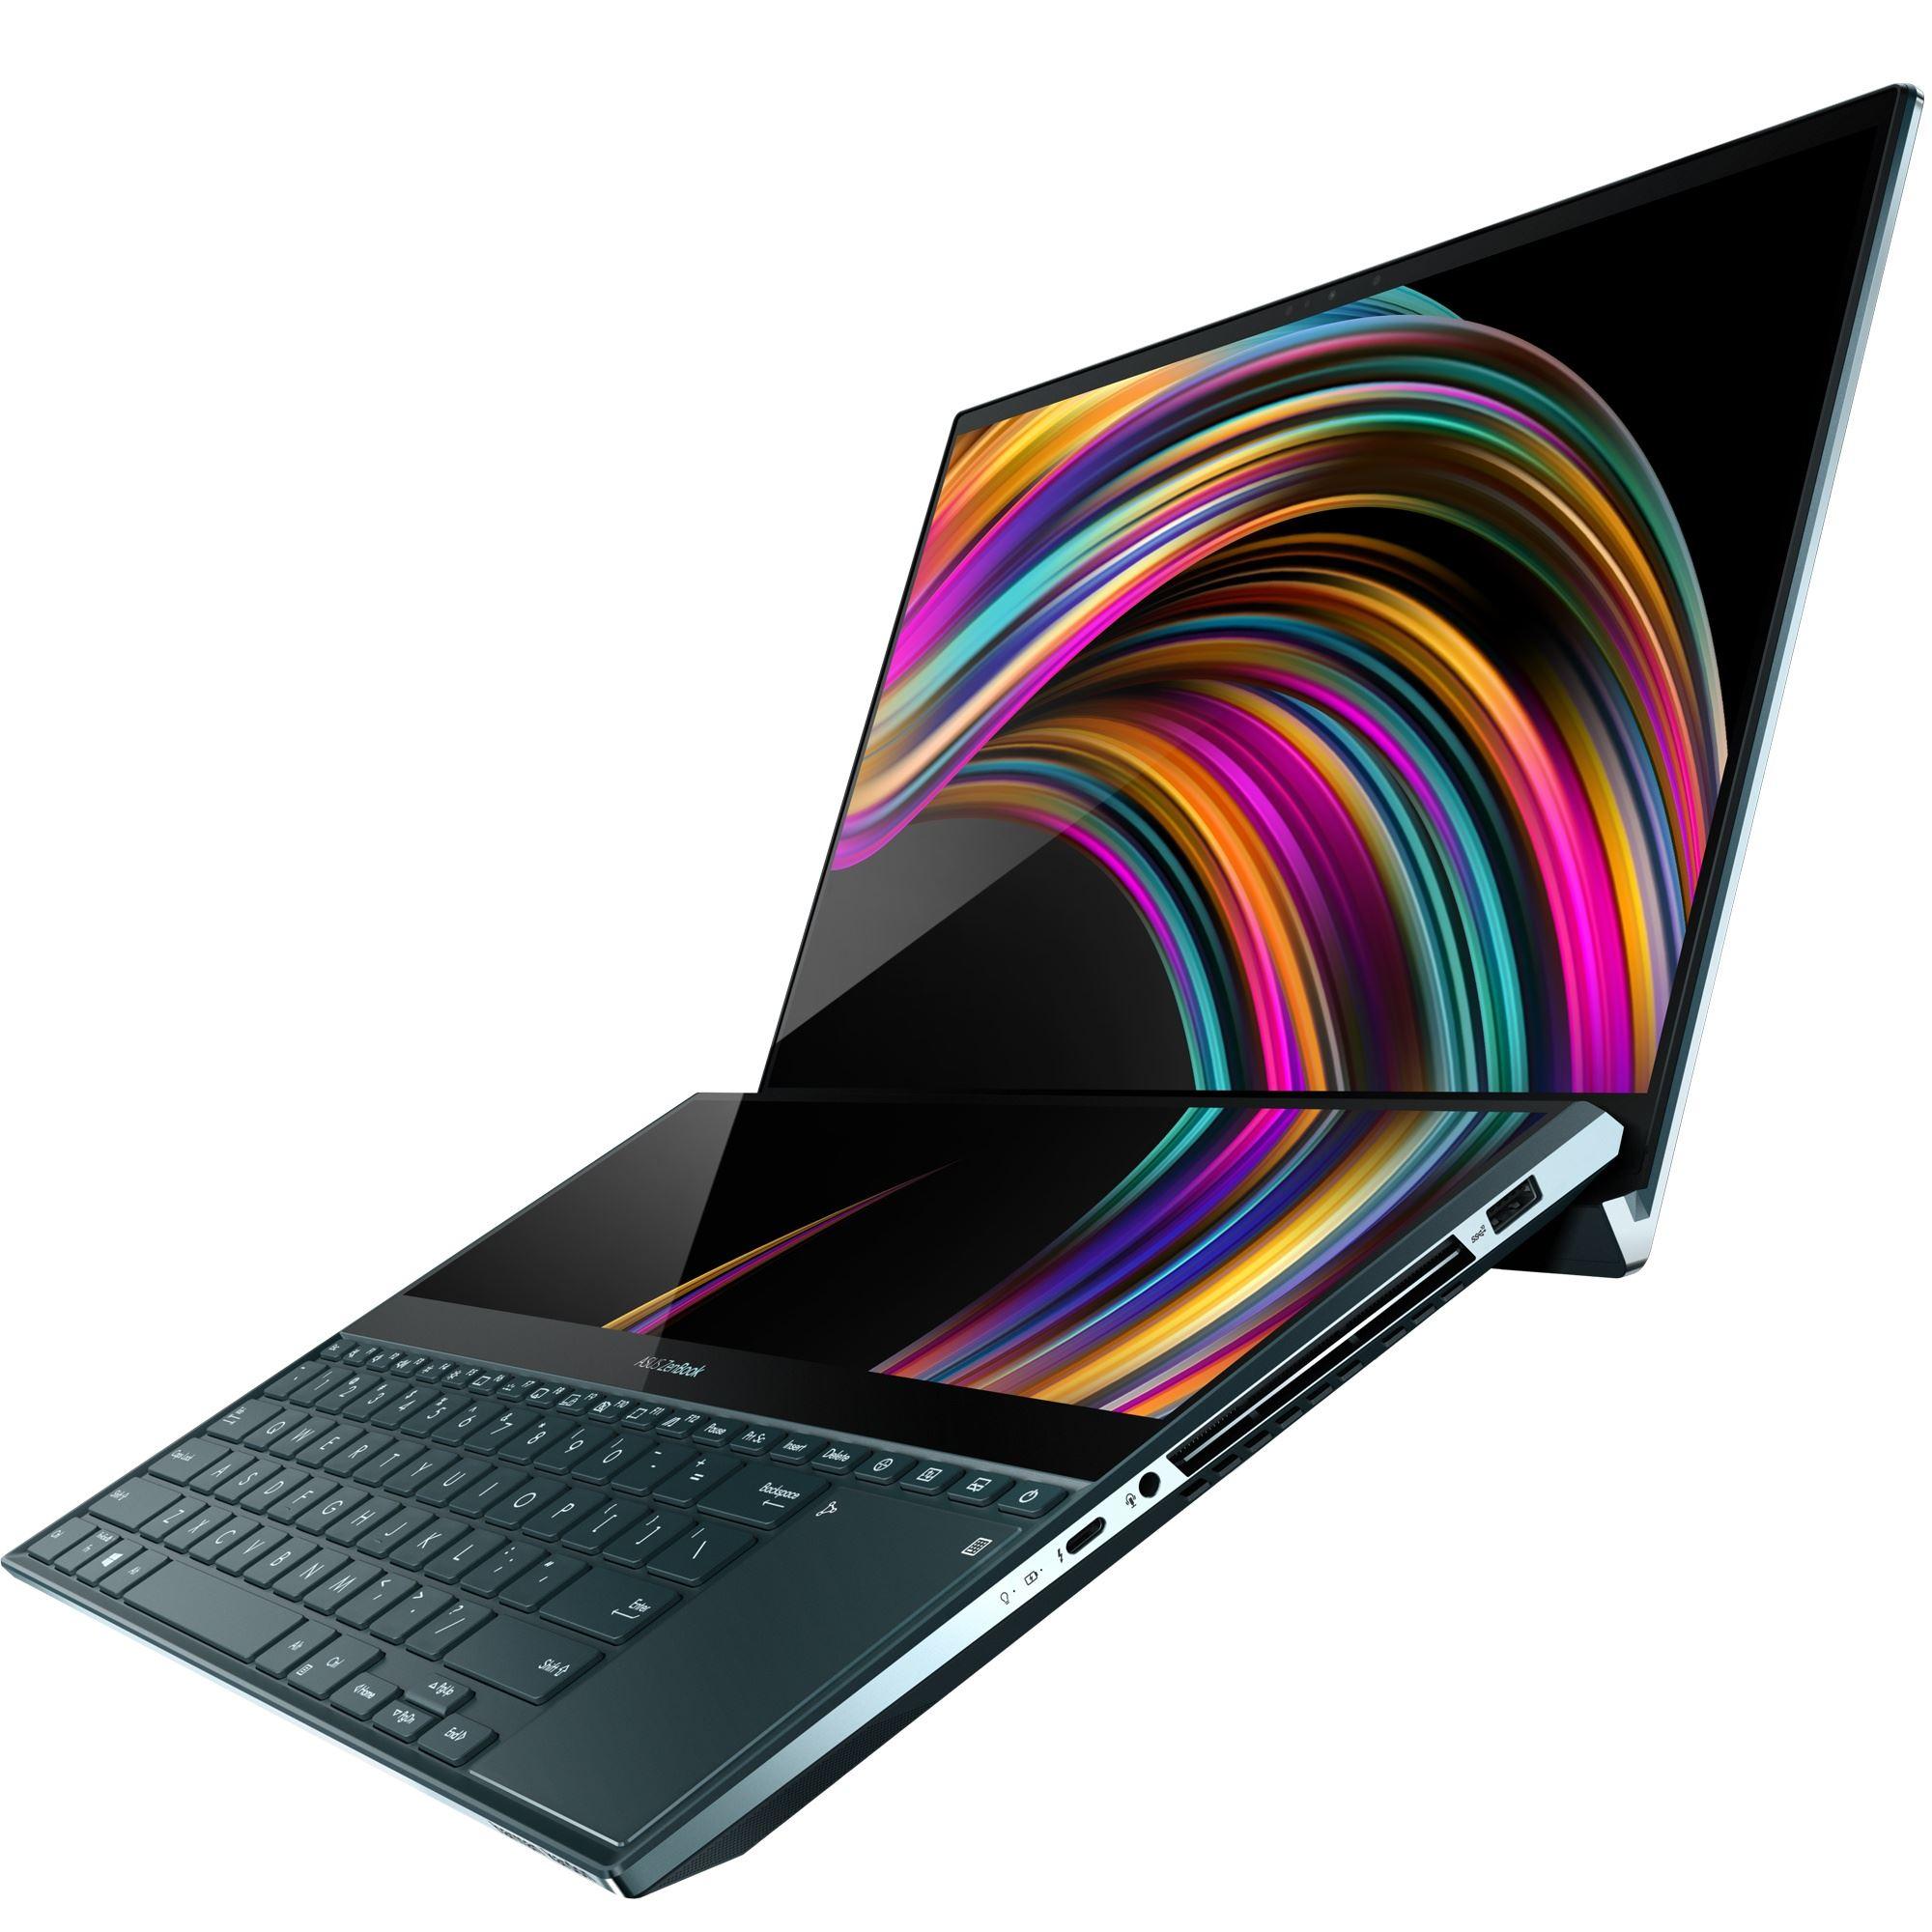 Asus-Zenbook-Pro-Duo-UX581-14